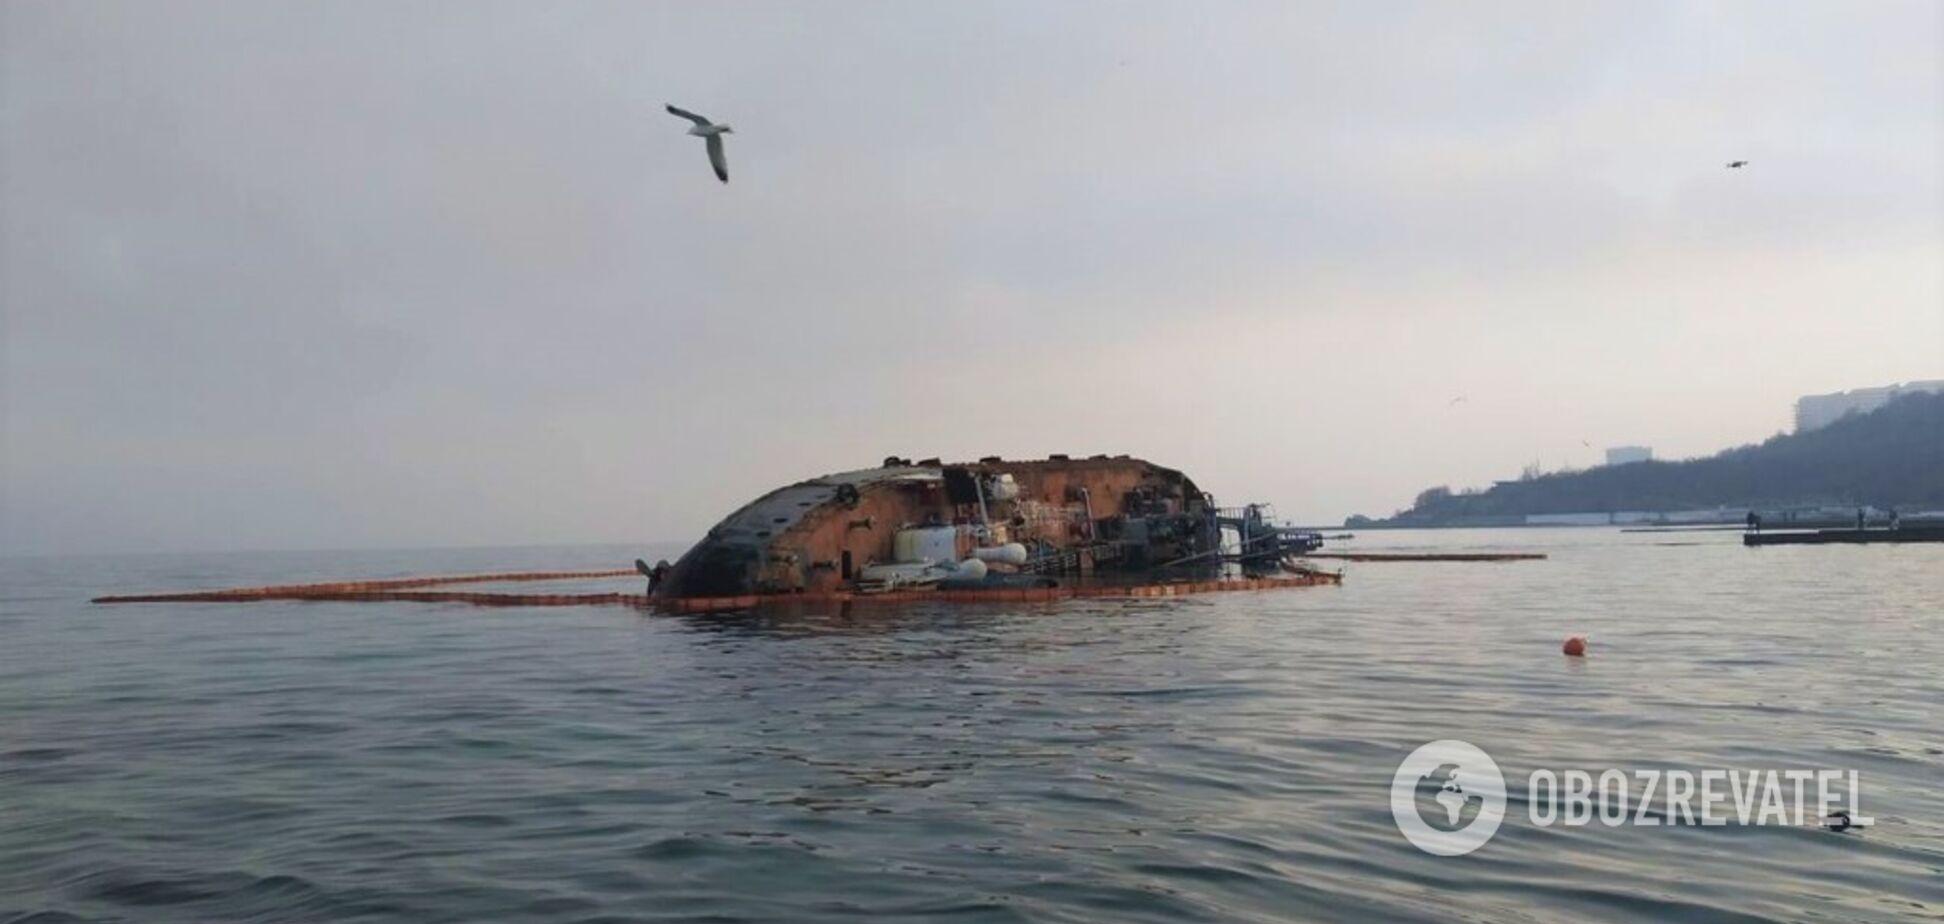 Біля танкера Delfi в Одесі концентрація нафтопродуктів перевищила норму в 5 разів